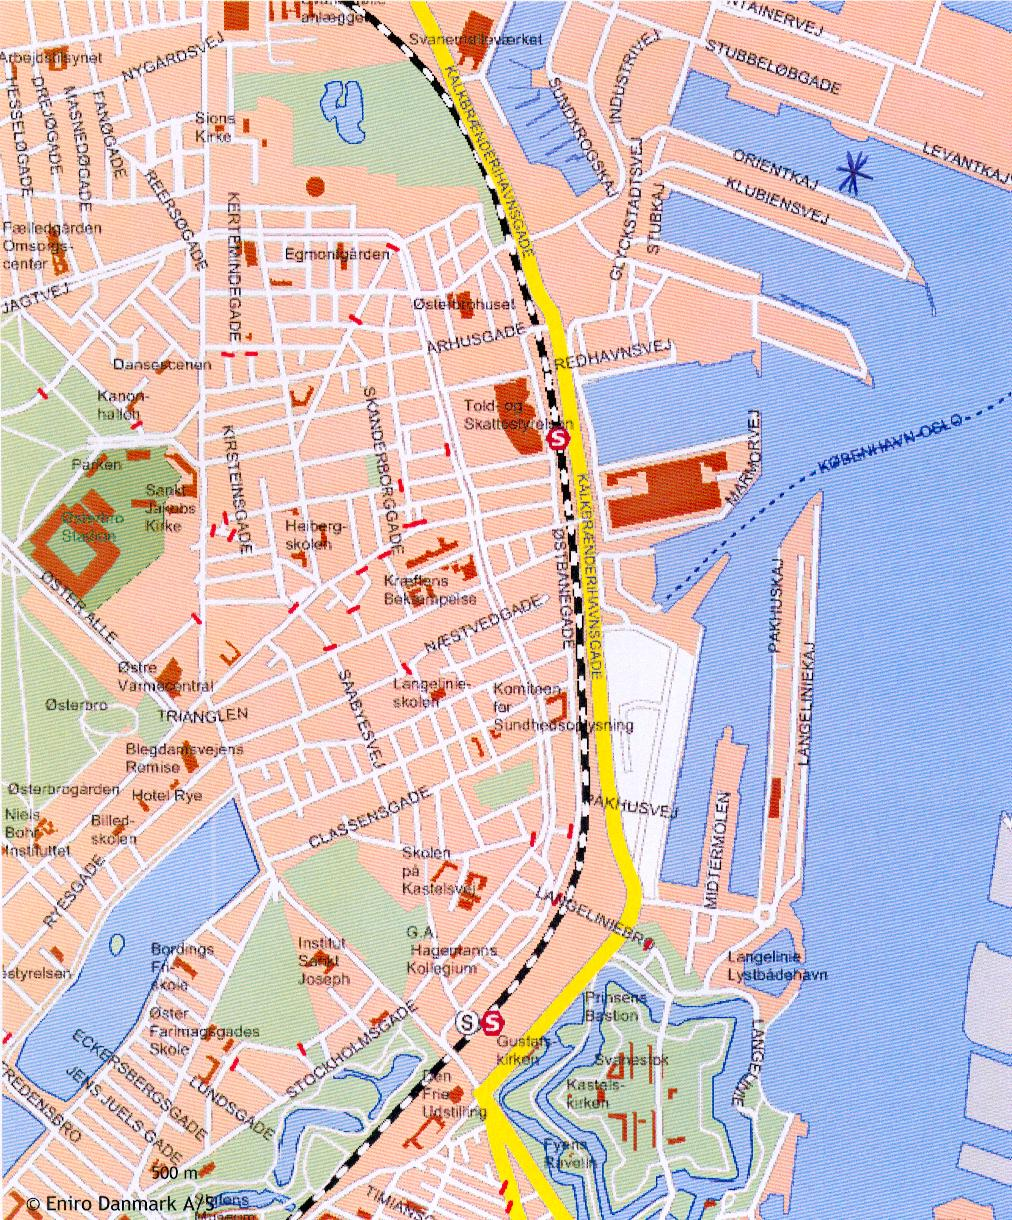 köpenhamn karta MSC Cruises hamninformation köpenhamn karta